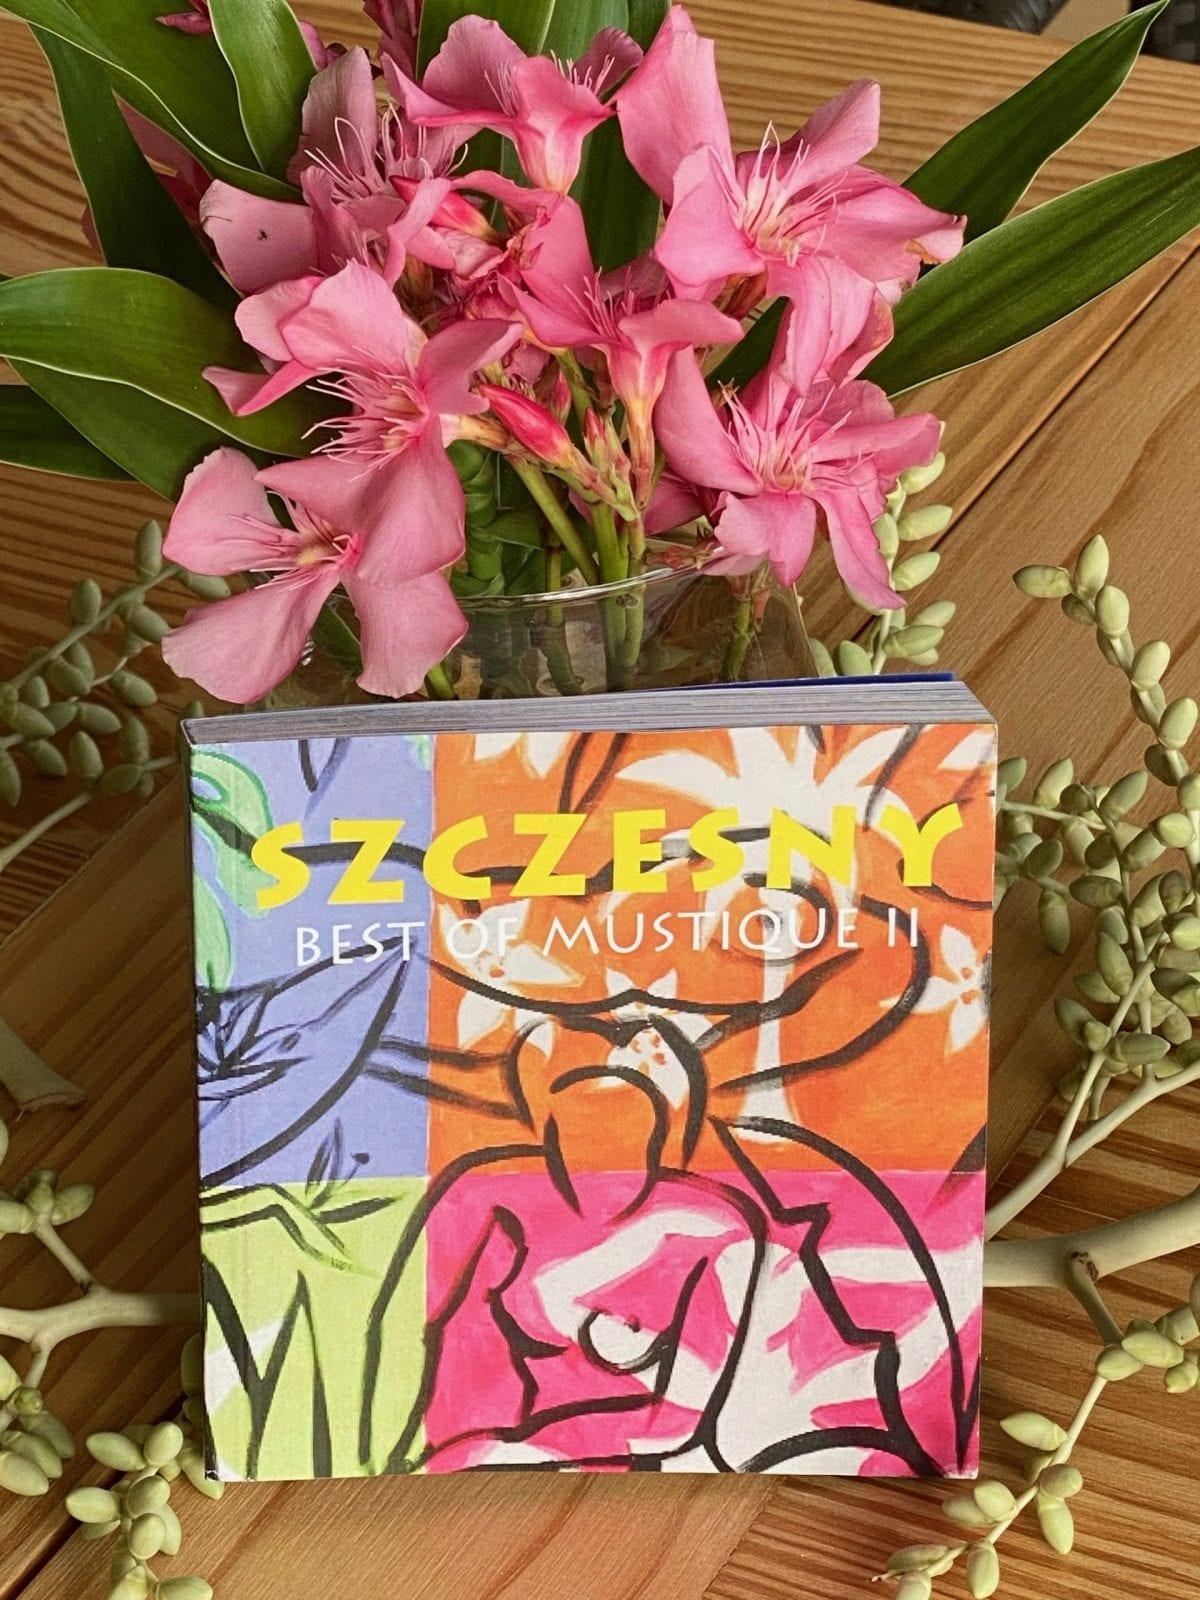 Stefan Szczesny Best of Mustique | Book by Stefan Szczesny | 2020 | Book | buy online | Szczesny Art Shop